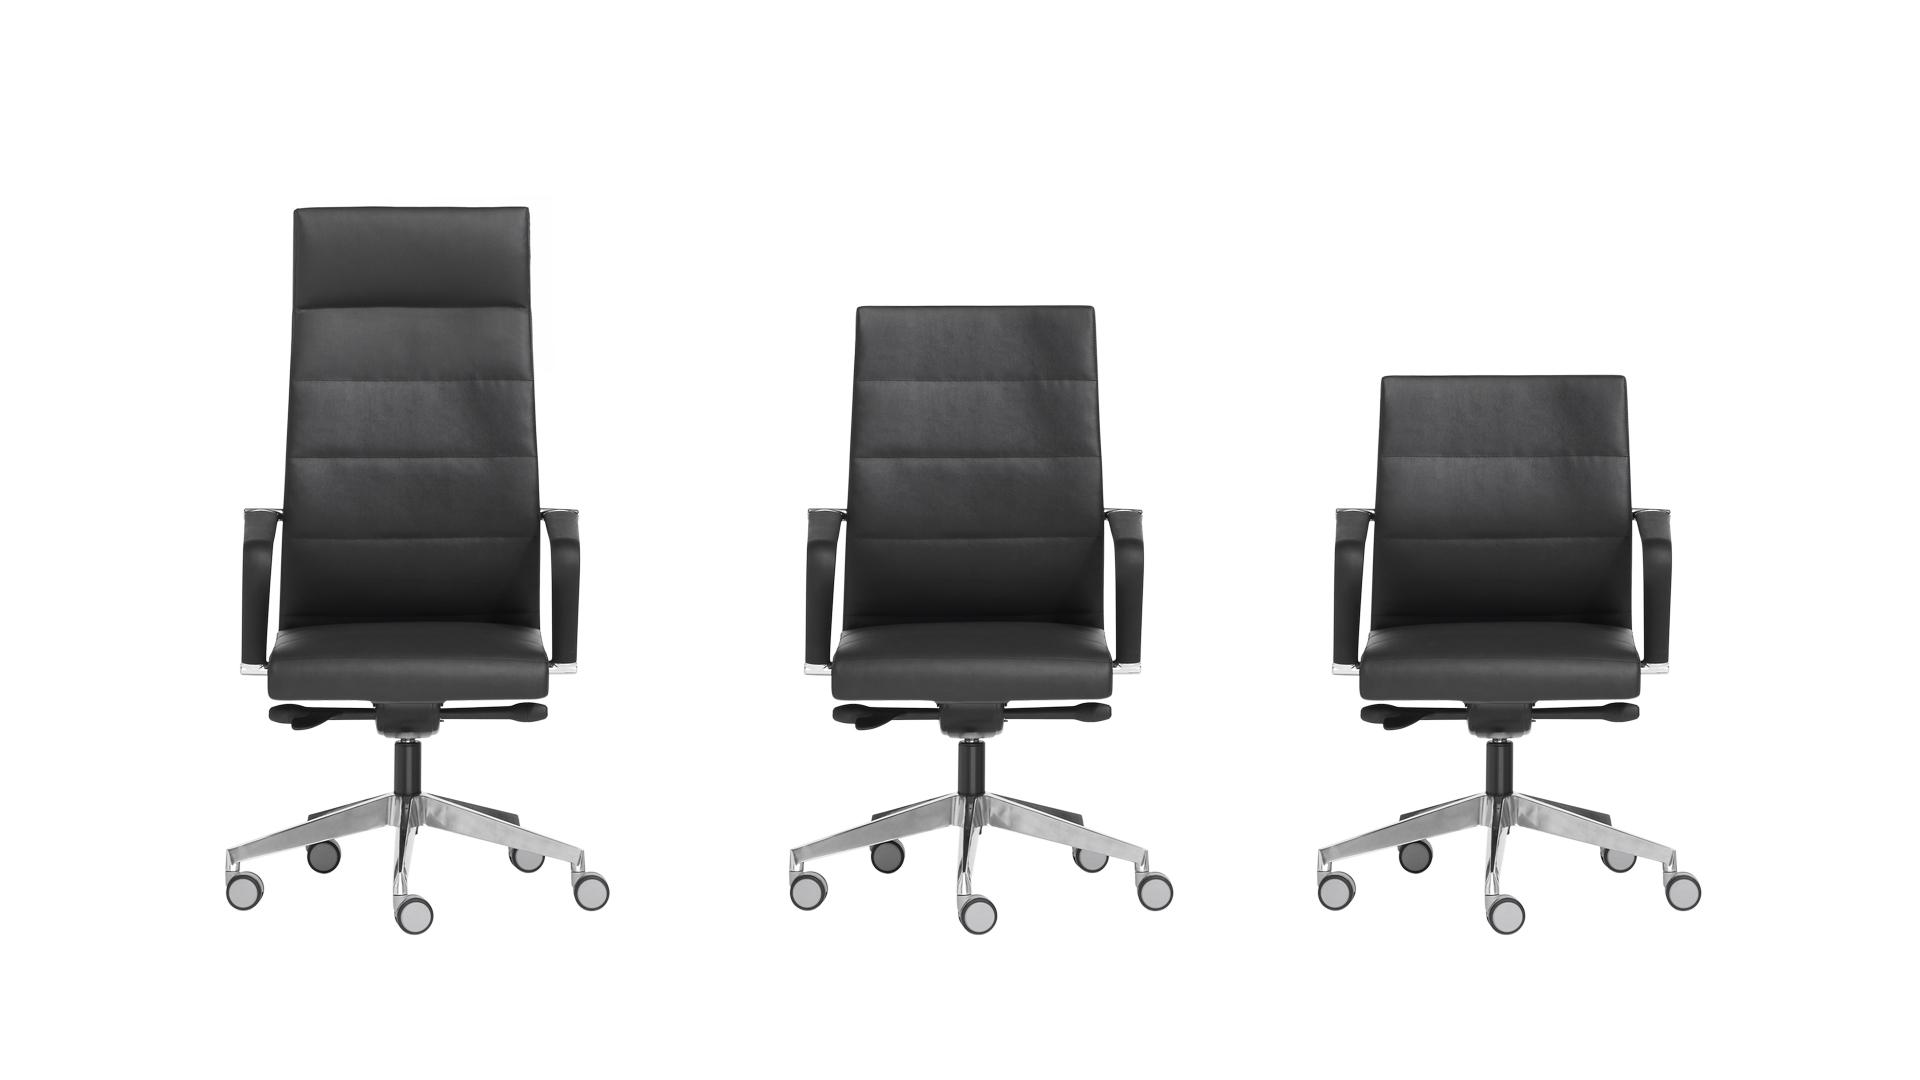 Reparaci n de mobiliario de oficina for Mobiliario de oficina malaga